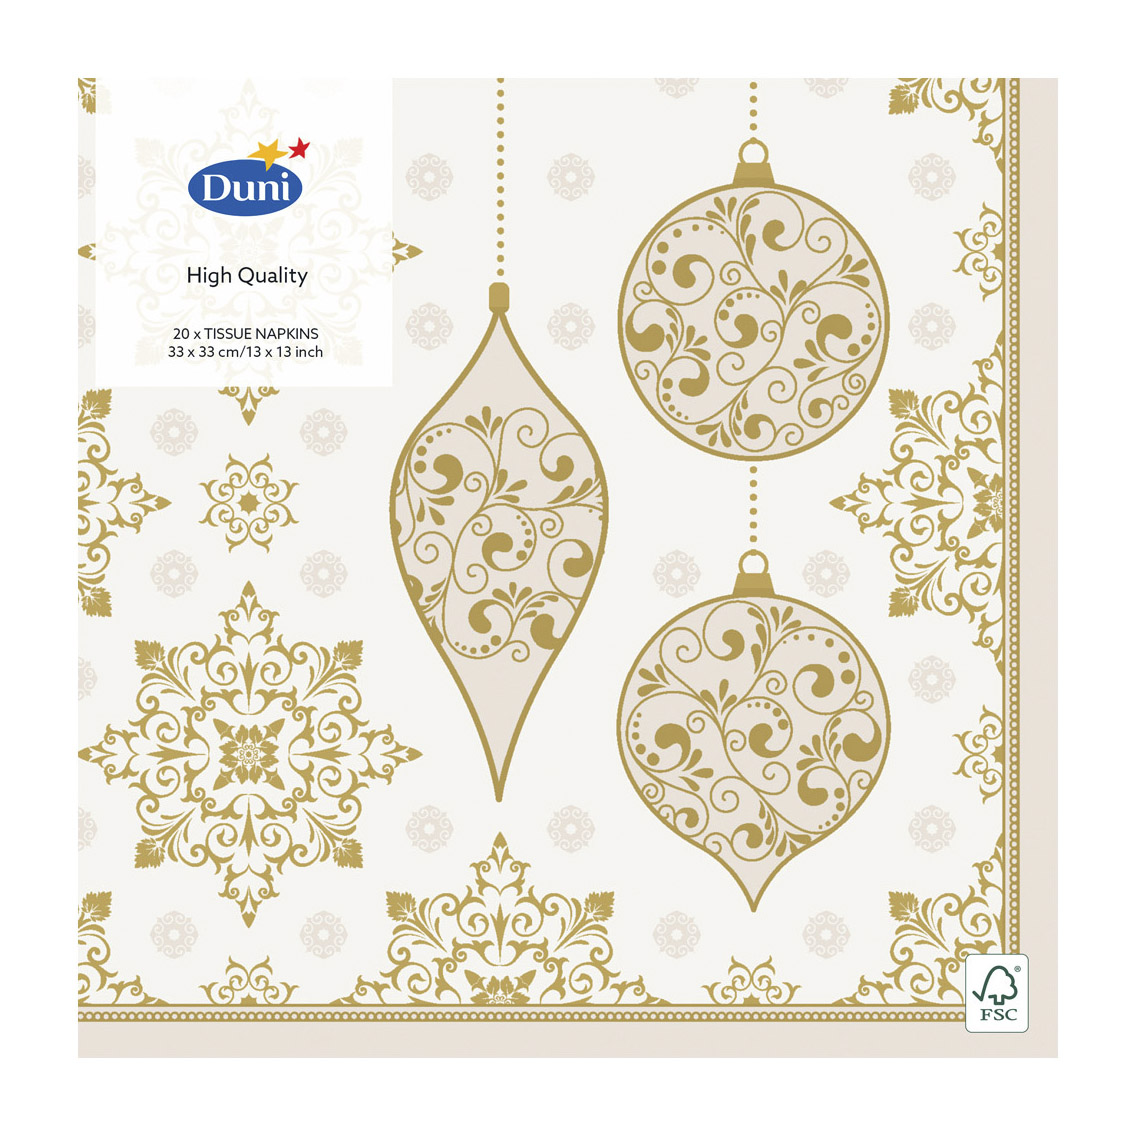 Салфетки бумажные Duni X-MAS DECO CREAM трехслойные 33x33 см 20 шт кольцо декоративная для салфетки goodwill deco 5см